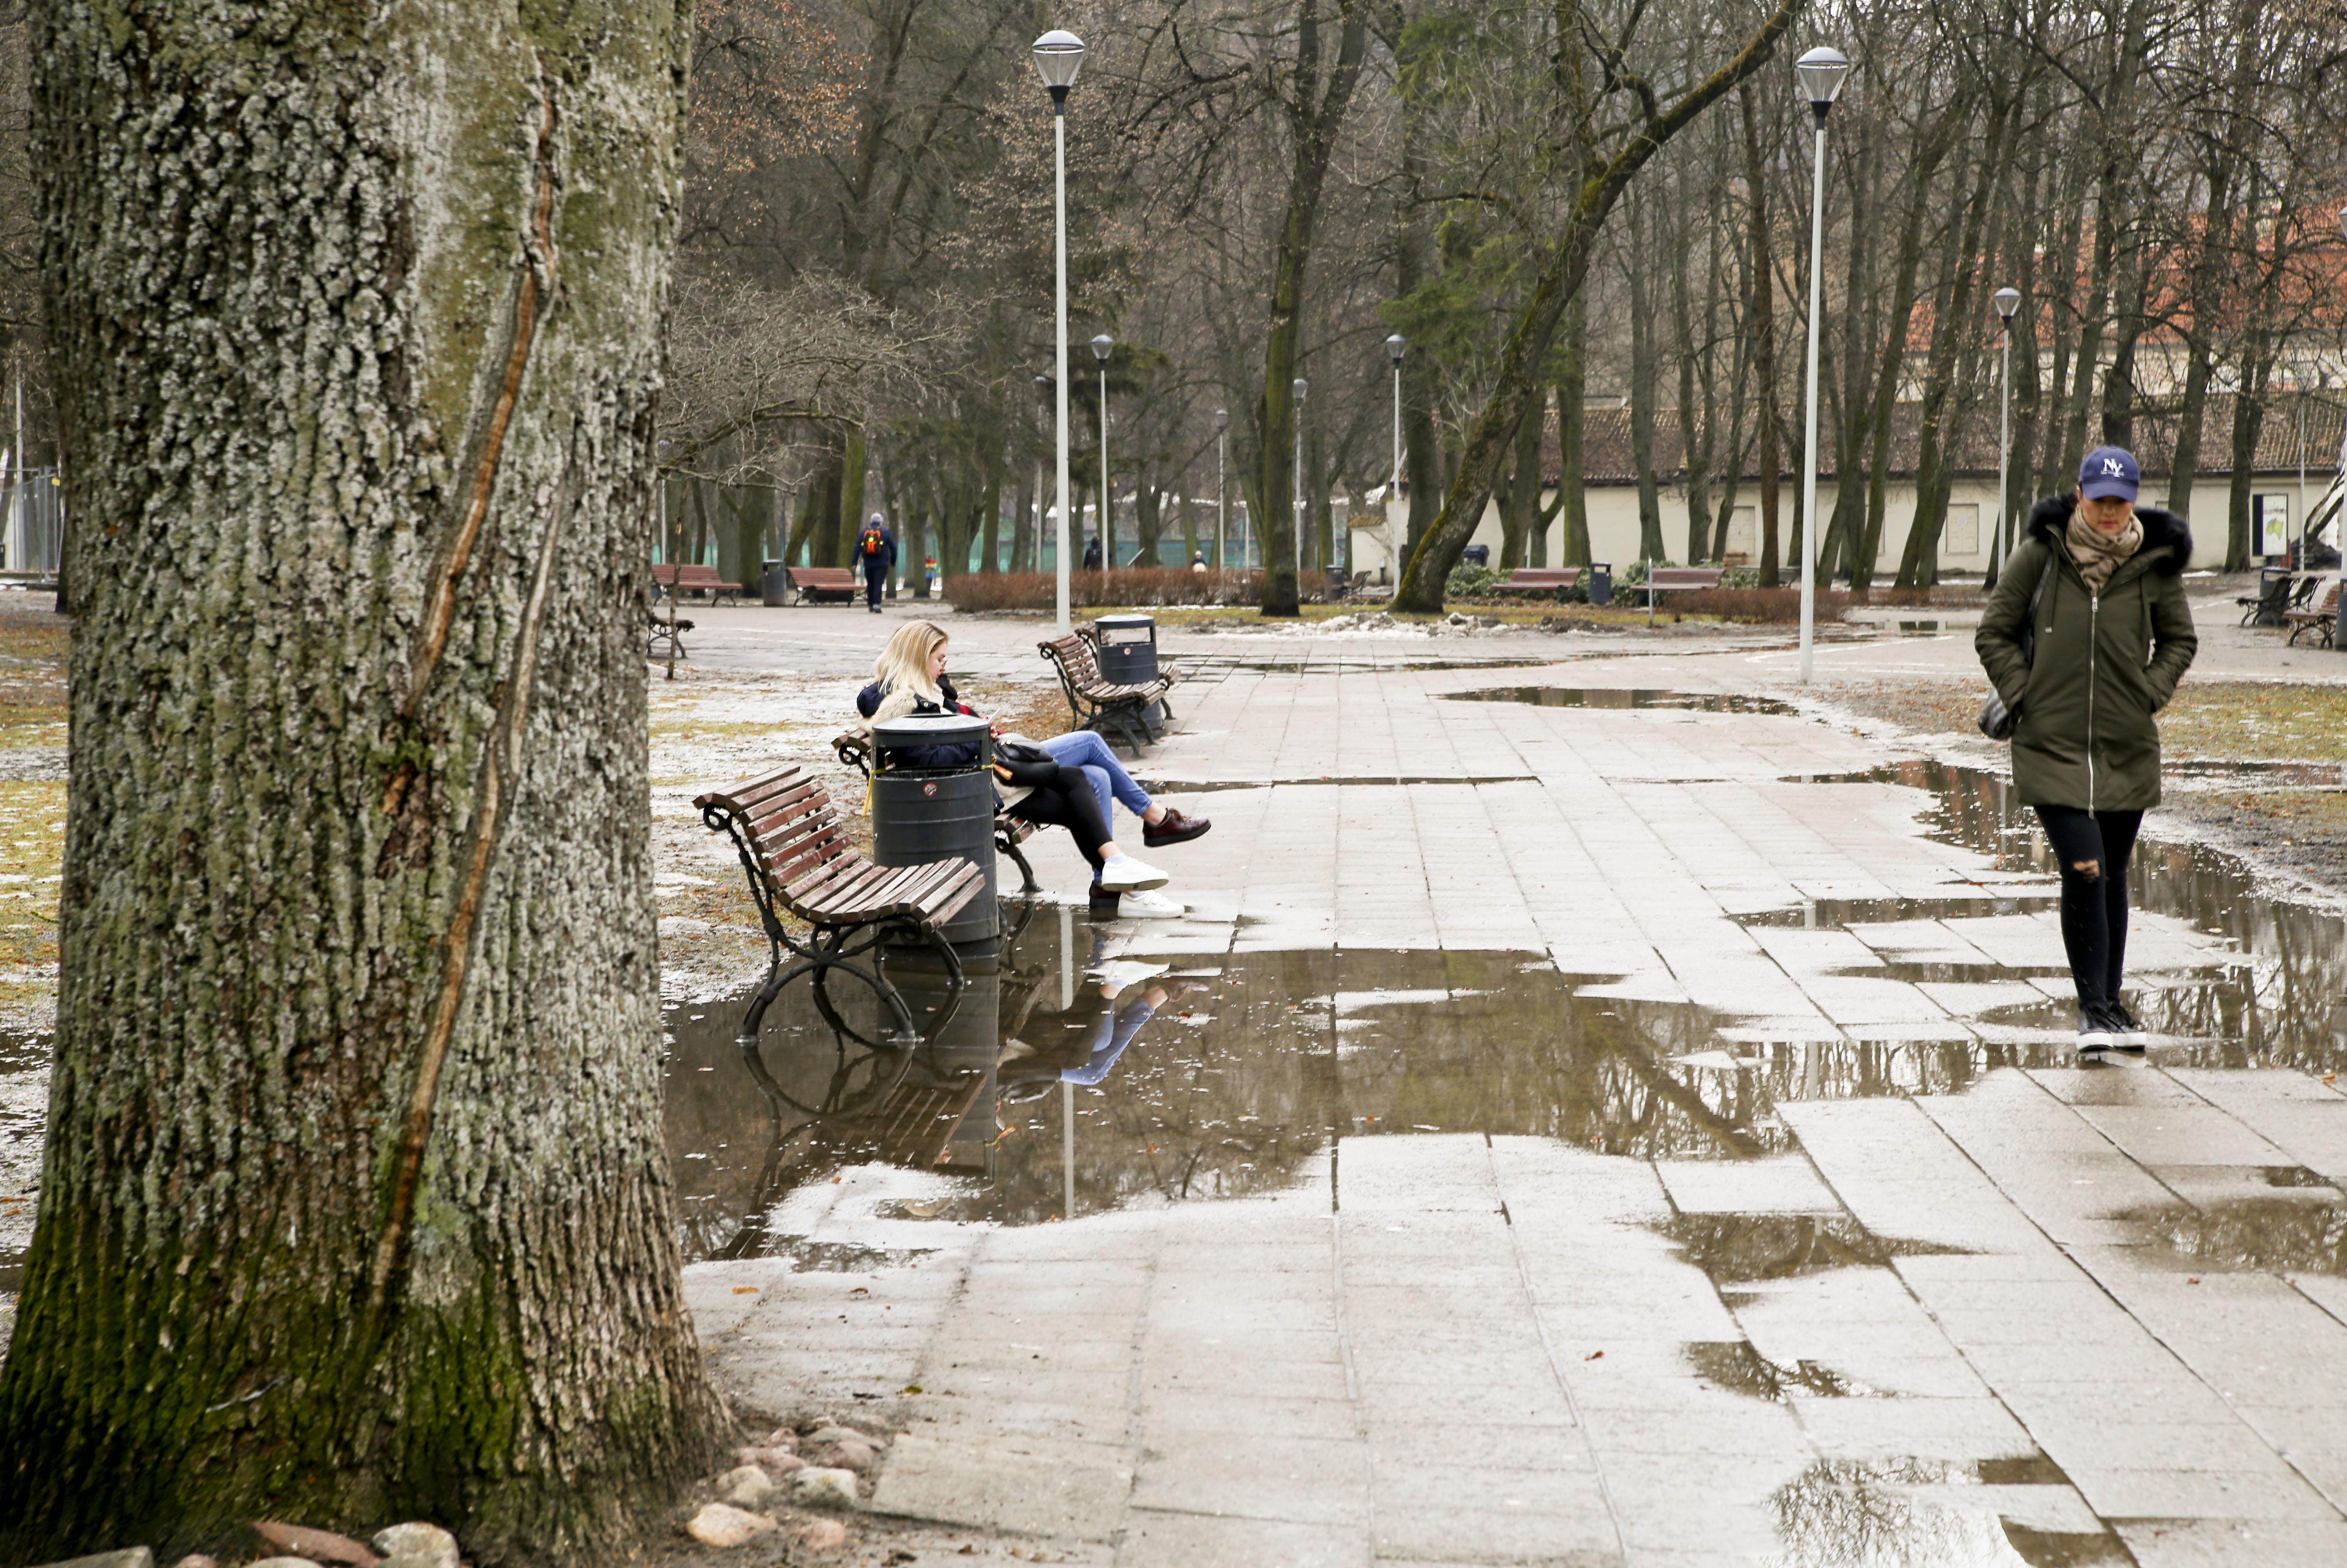 Pavasario saulė šildo vis intensyviau. Tirpdo ledus ir vis labiau išlaisvina Nerį. Vis dažniau jos pakrante praskuodžia bėgikai, daugiau ir išsiruošusių ilgesniam pasivaikščiojimui, kurį palydi ančių ir gulbių klegesys. Kompanijos jau sulaukia ir sodų bei parkų suoliukai. Nesvarbu, kad baltų žiemos likučių dar matyti. Žalių, iš sniego gniaužtų išsivaduojančių plotų – vis daugiau.